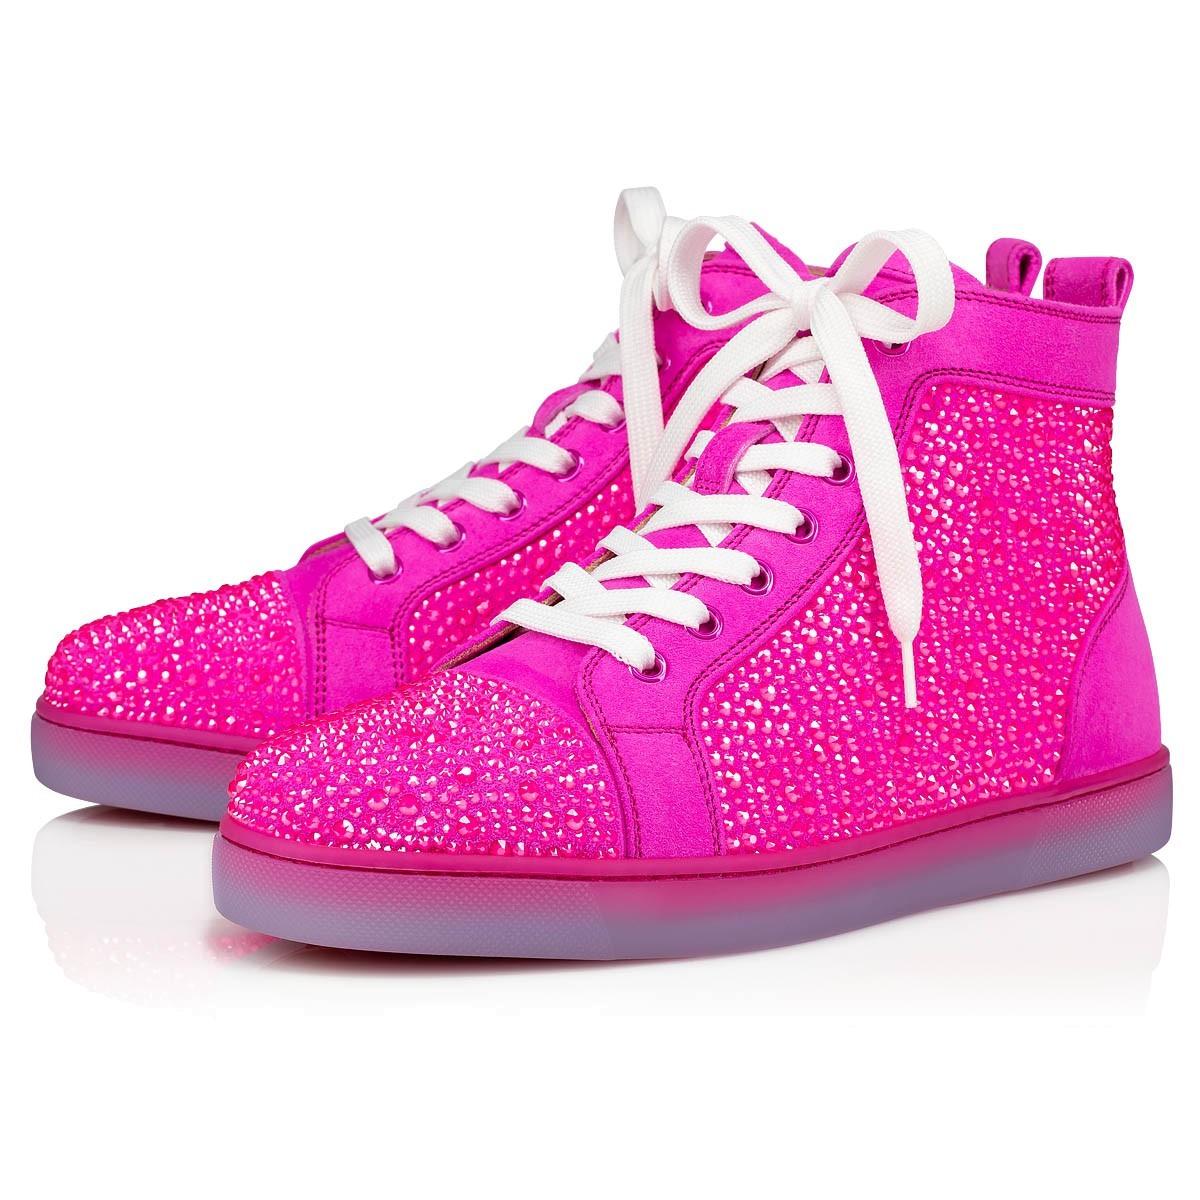 أنواع الأحذية النسائية-حذاء رياضي